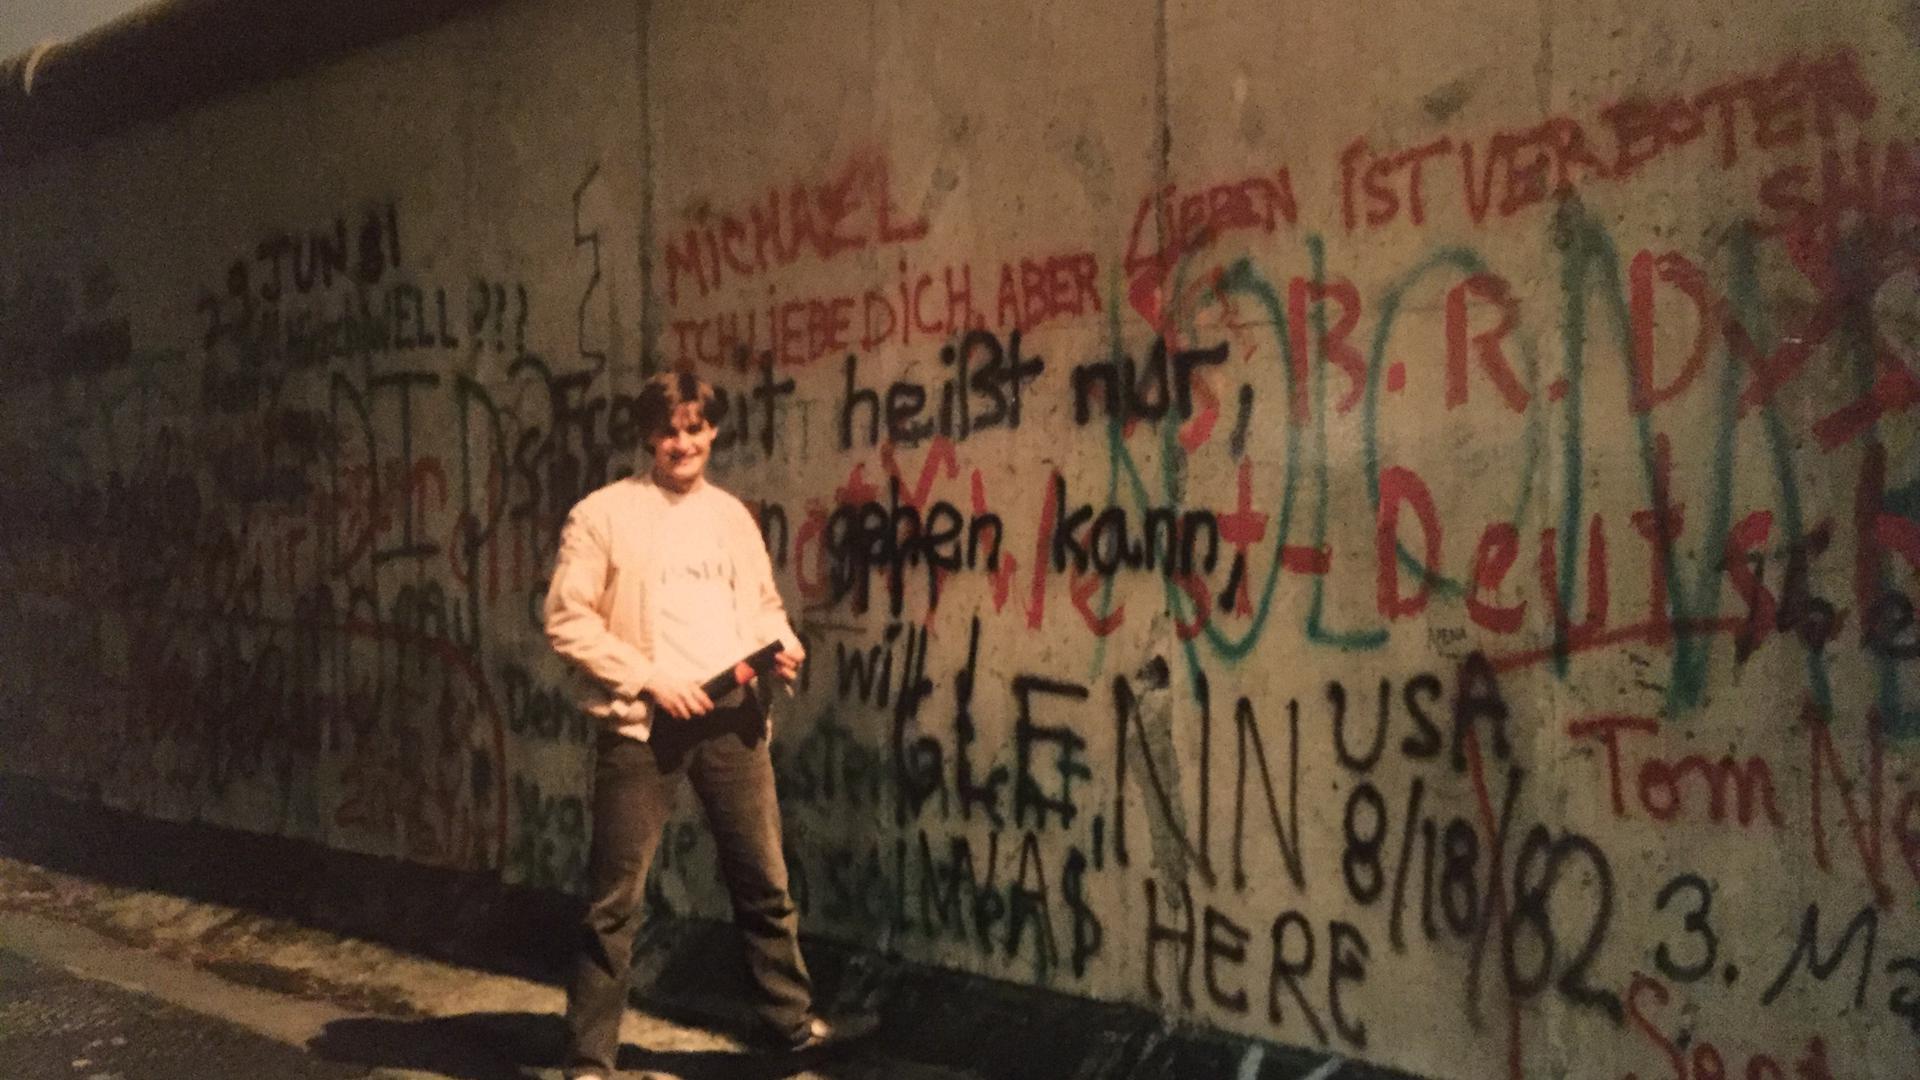 Bereits ein Jahr nach seiner Aus-weisung aus der DDR besuchte der Philippsburger Thomas Gerner 1985 die Mauer in Westberlin.